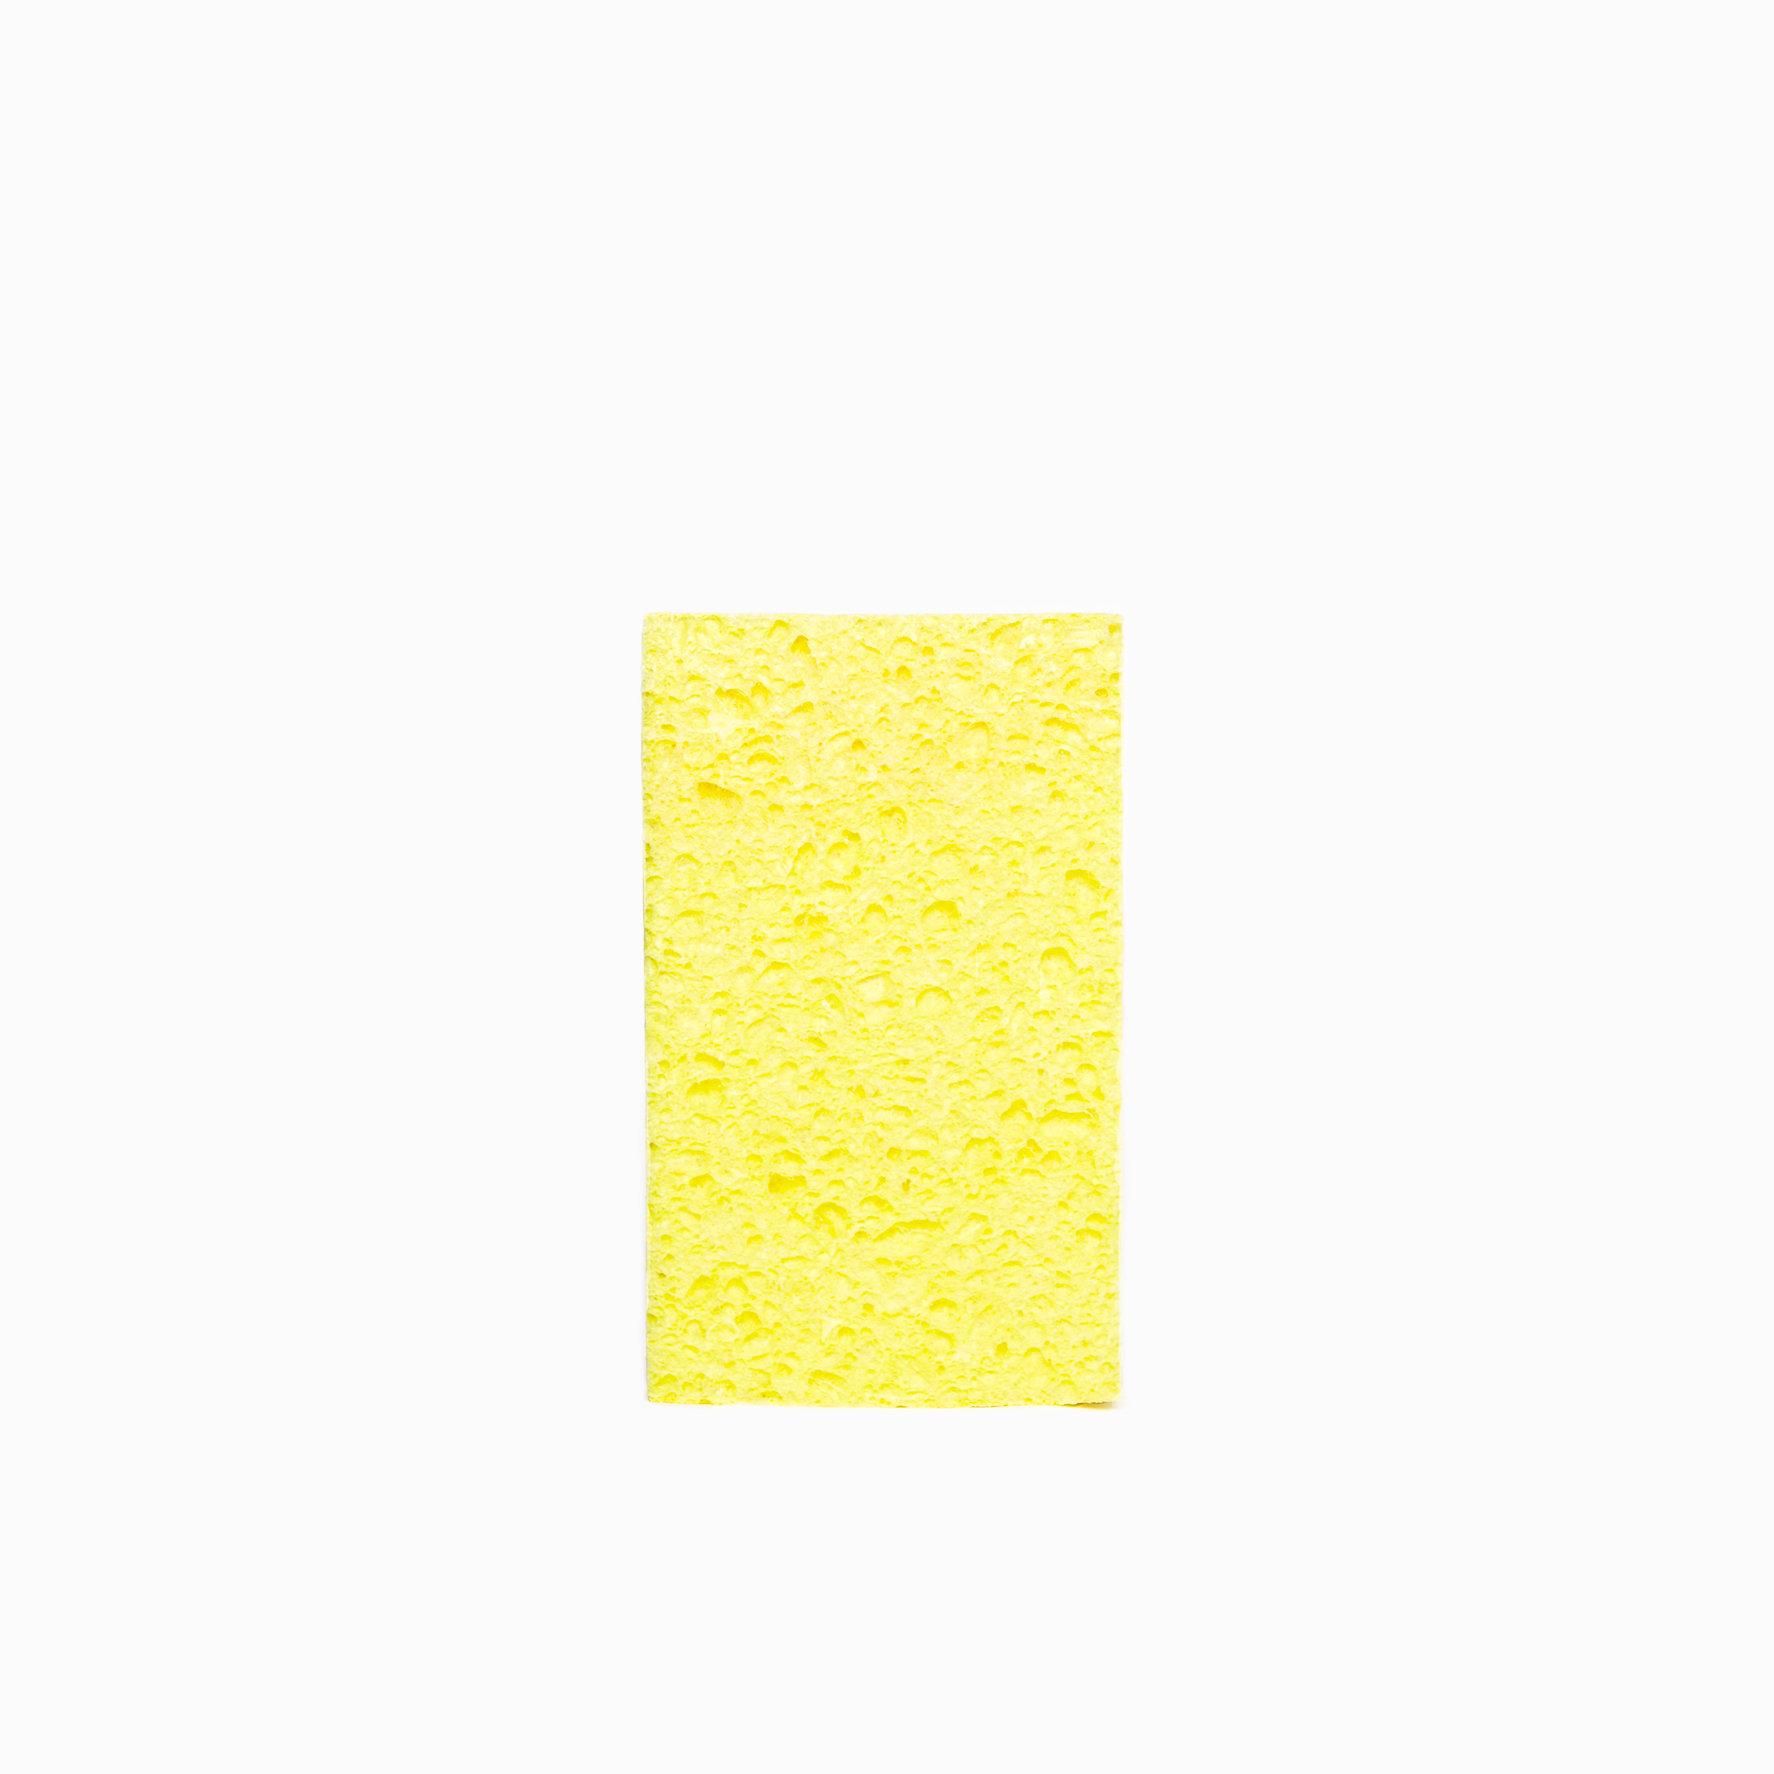 2016-4-Sponge.jpg